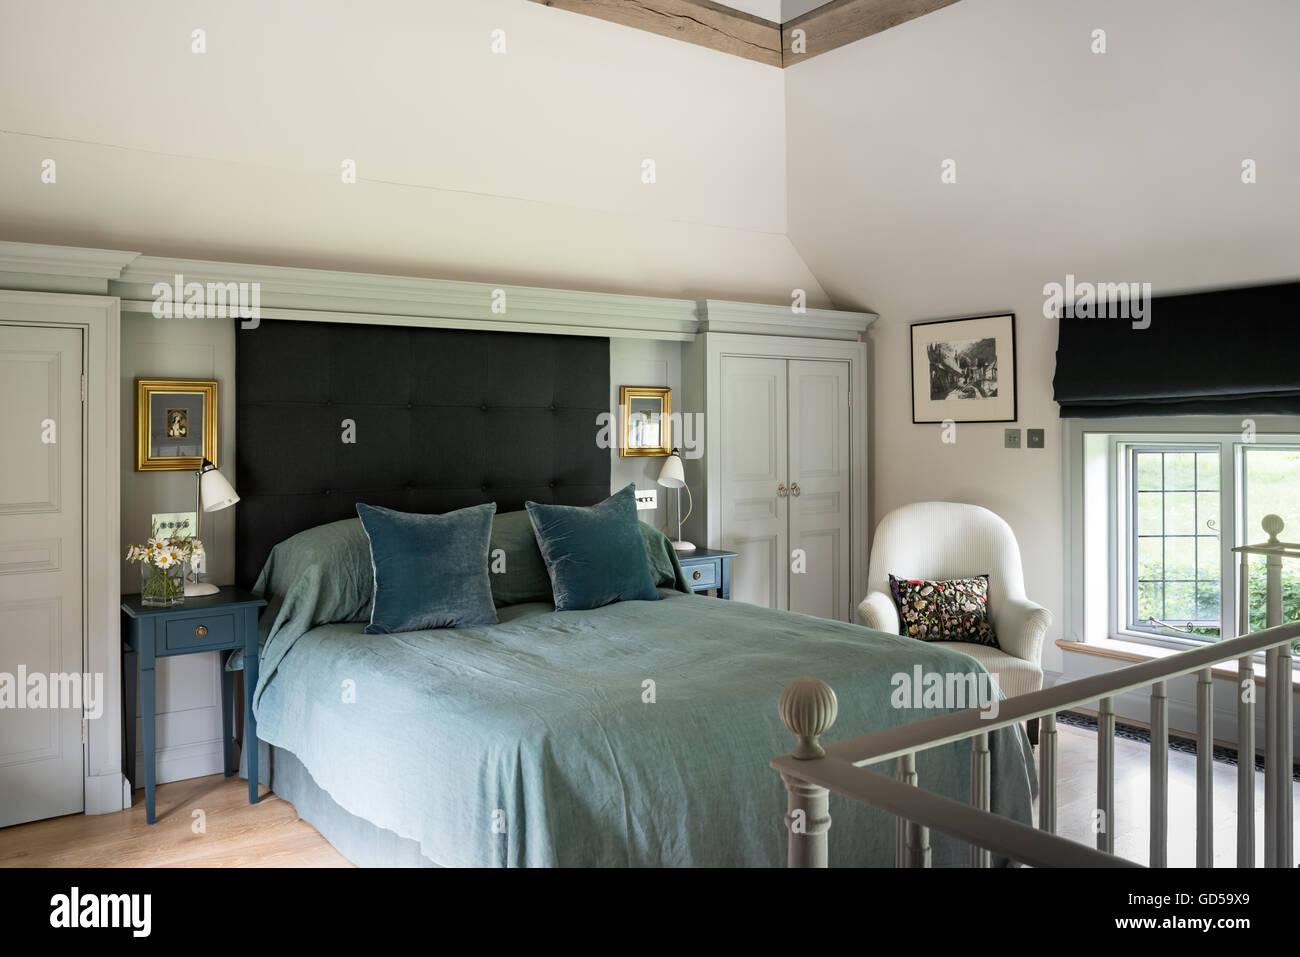 3ce9666695 La camera da letto di luce con testiera e tapparelle realizzato dalla  clemenza Rittner arredi delicati. I cuscini di velluto sono da William  Yeoward